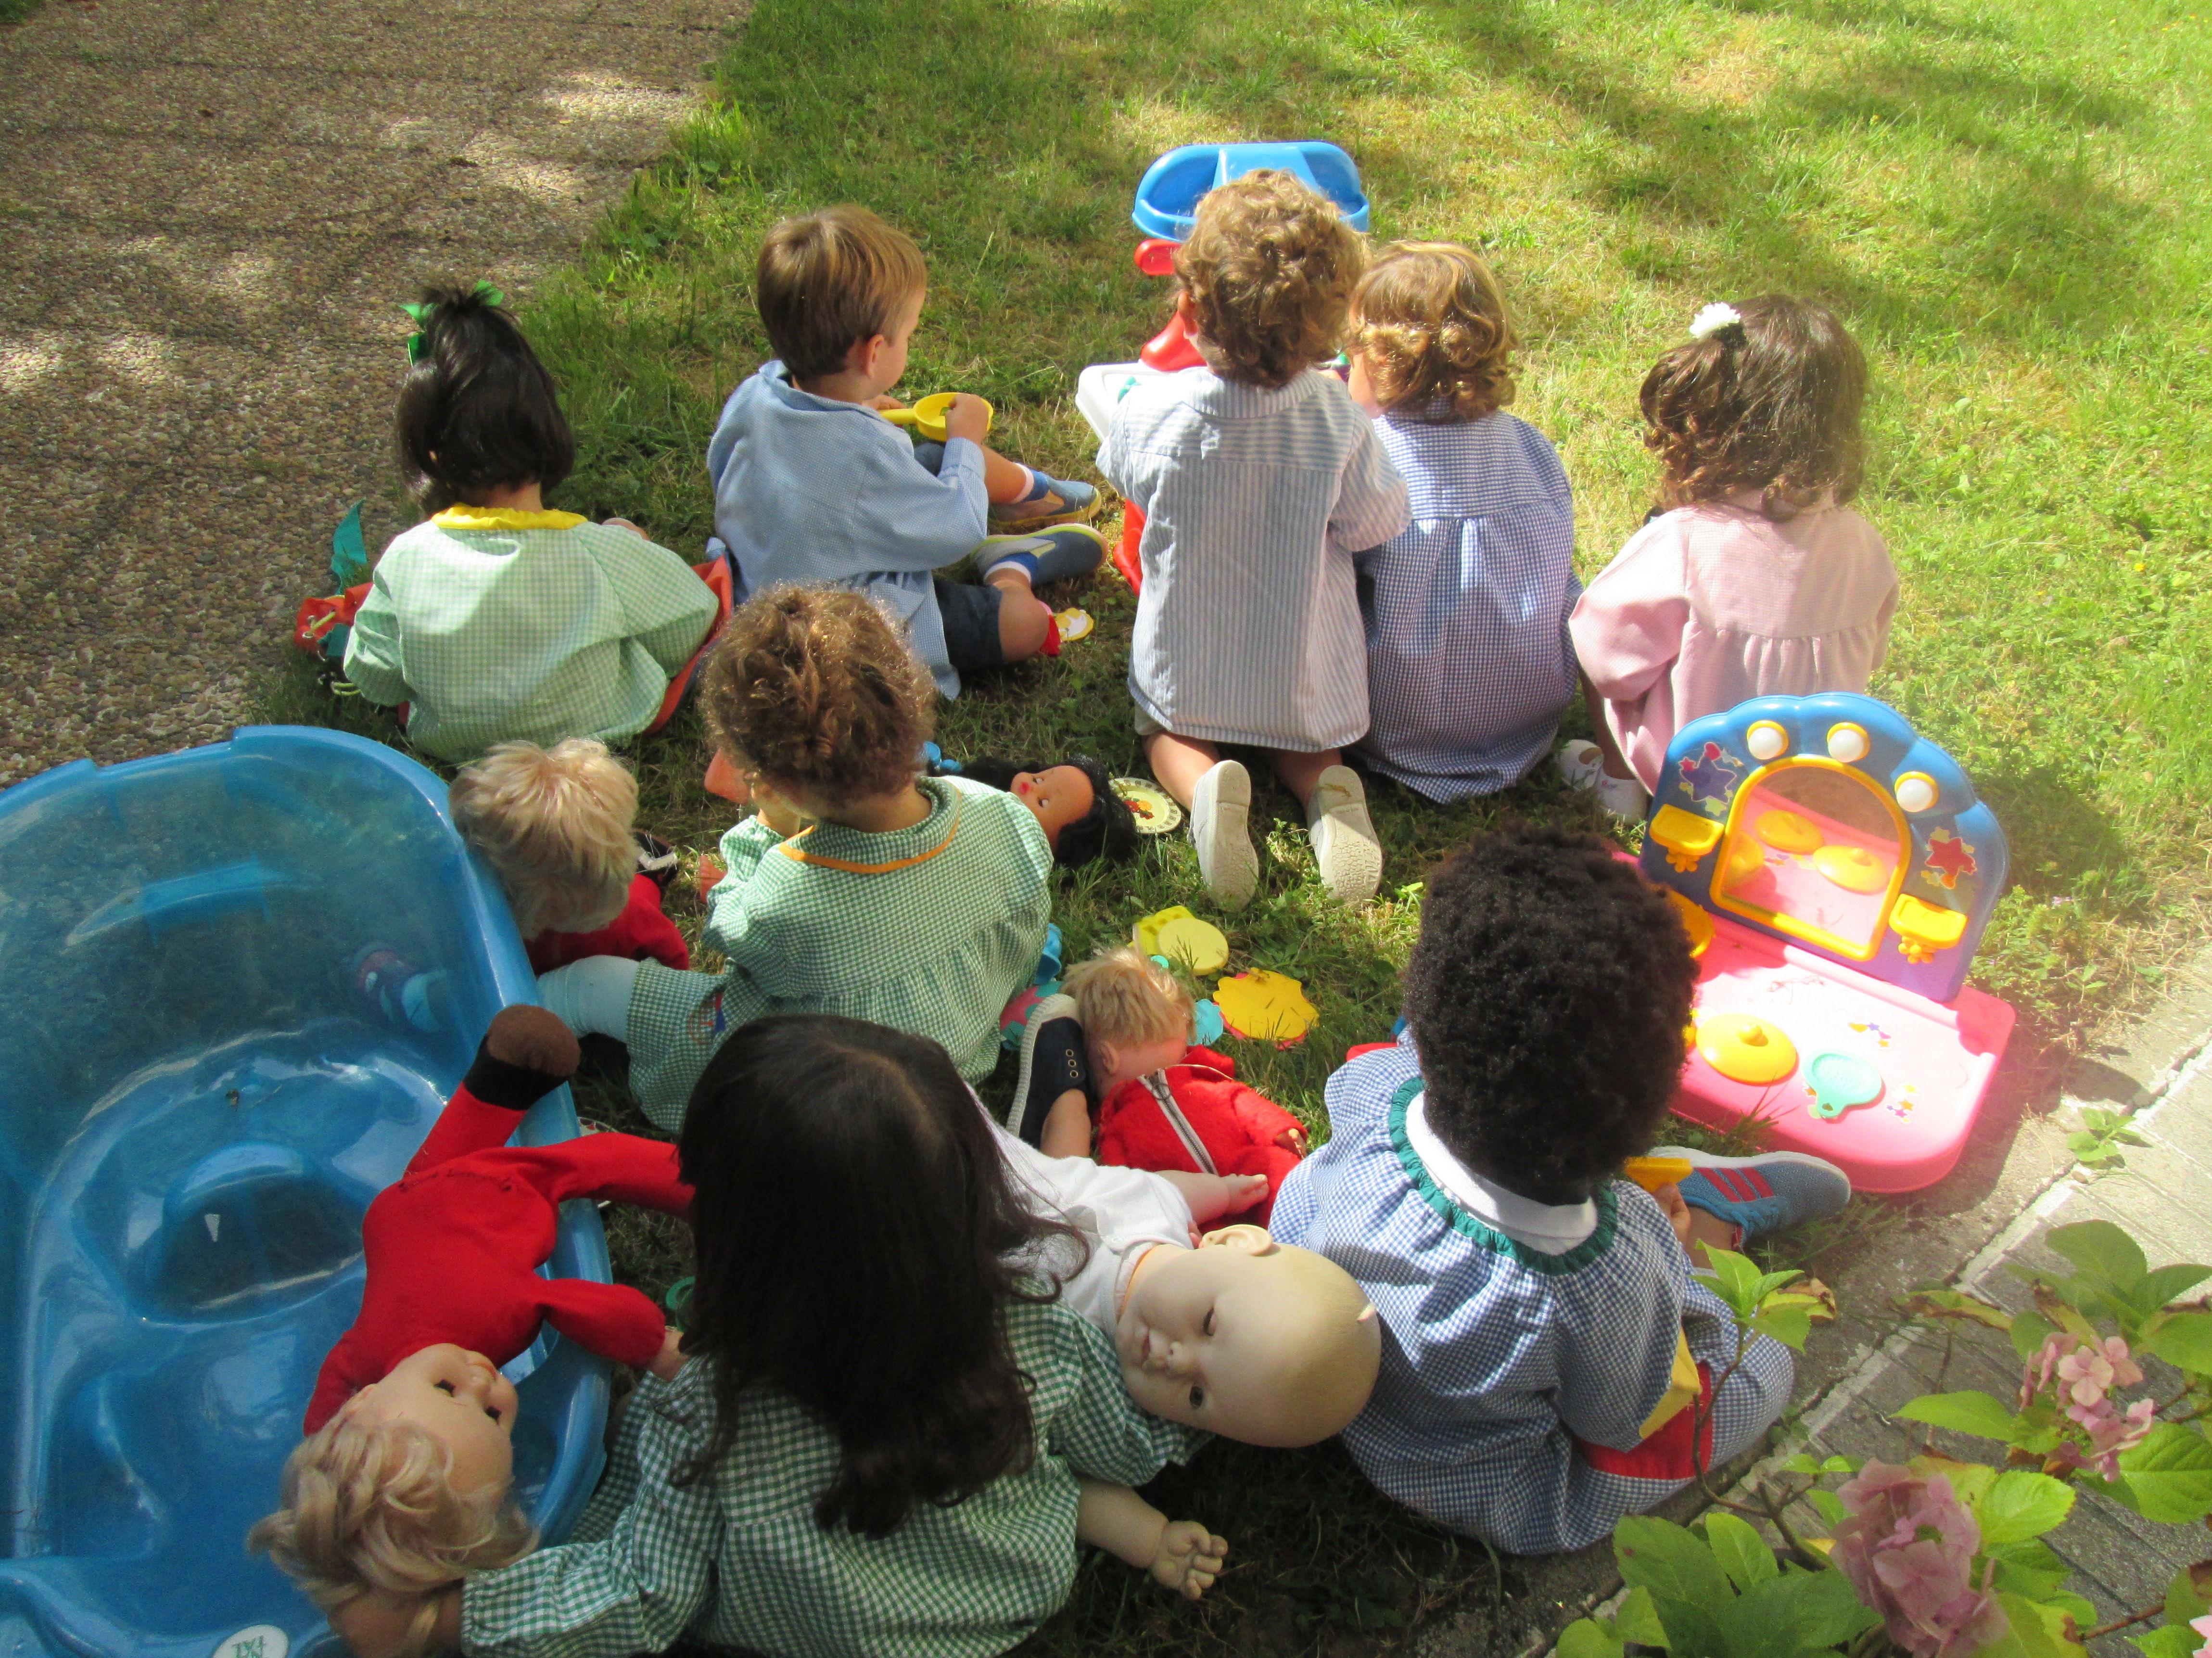 Foto 24 de Guarderías y Escuelas infantiles en Oviedo | Centro Infantil Nenness